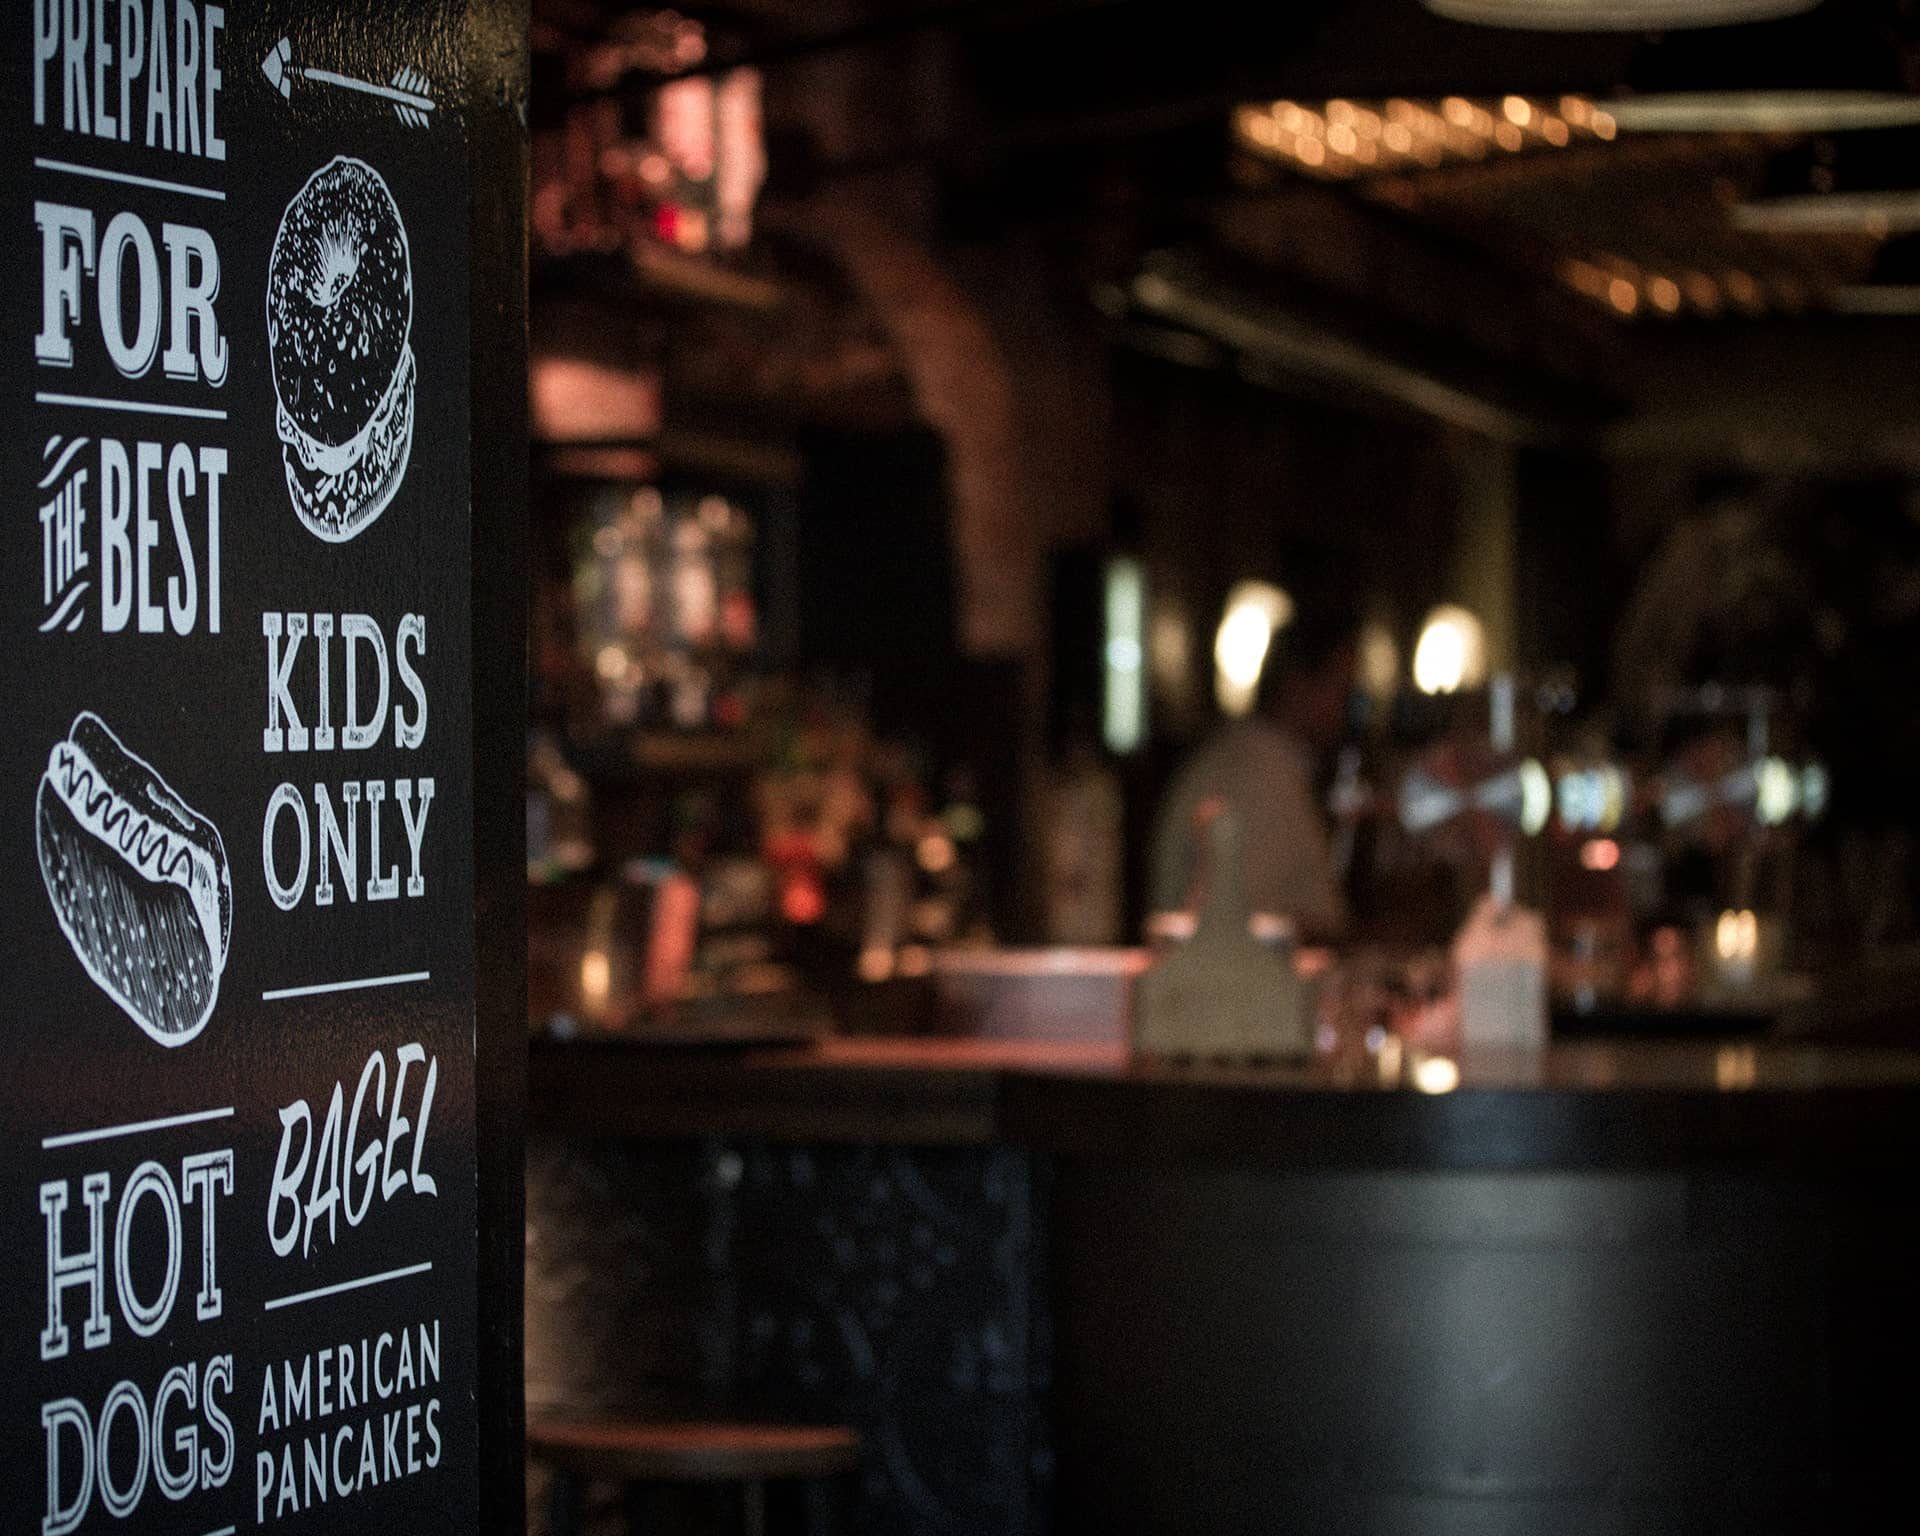 Café van Bommel Thumbnail